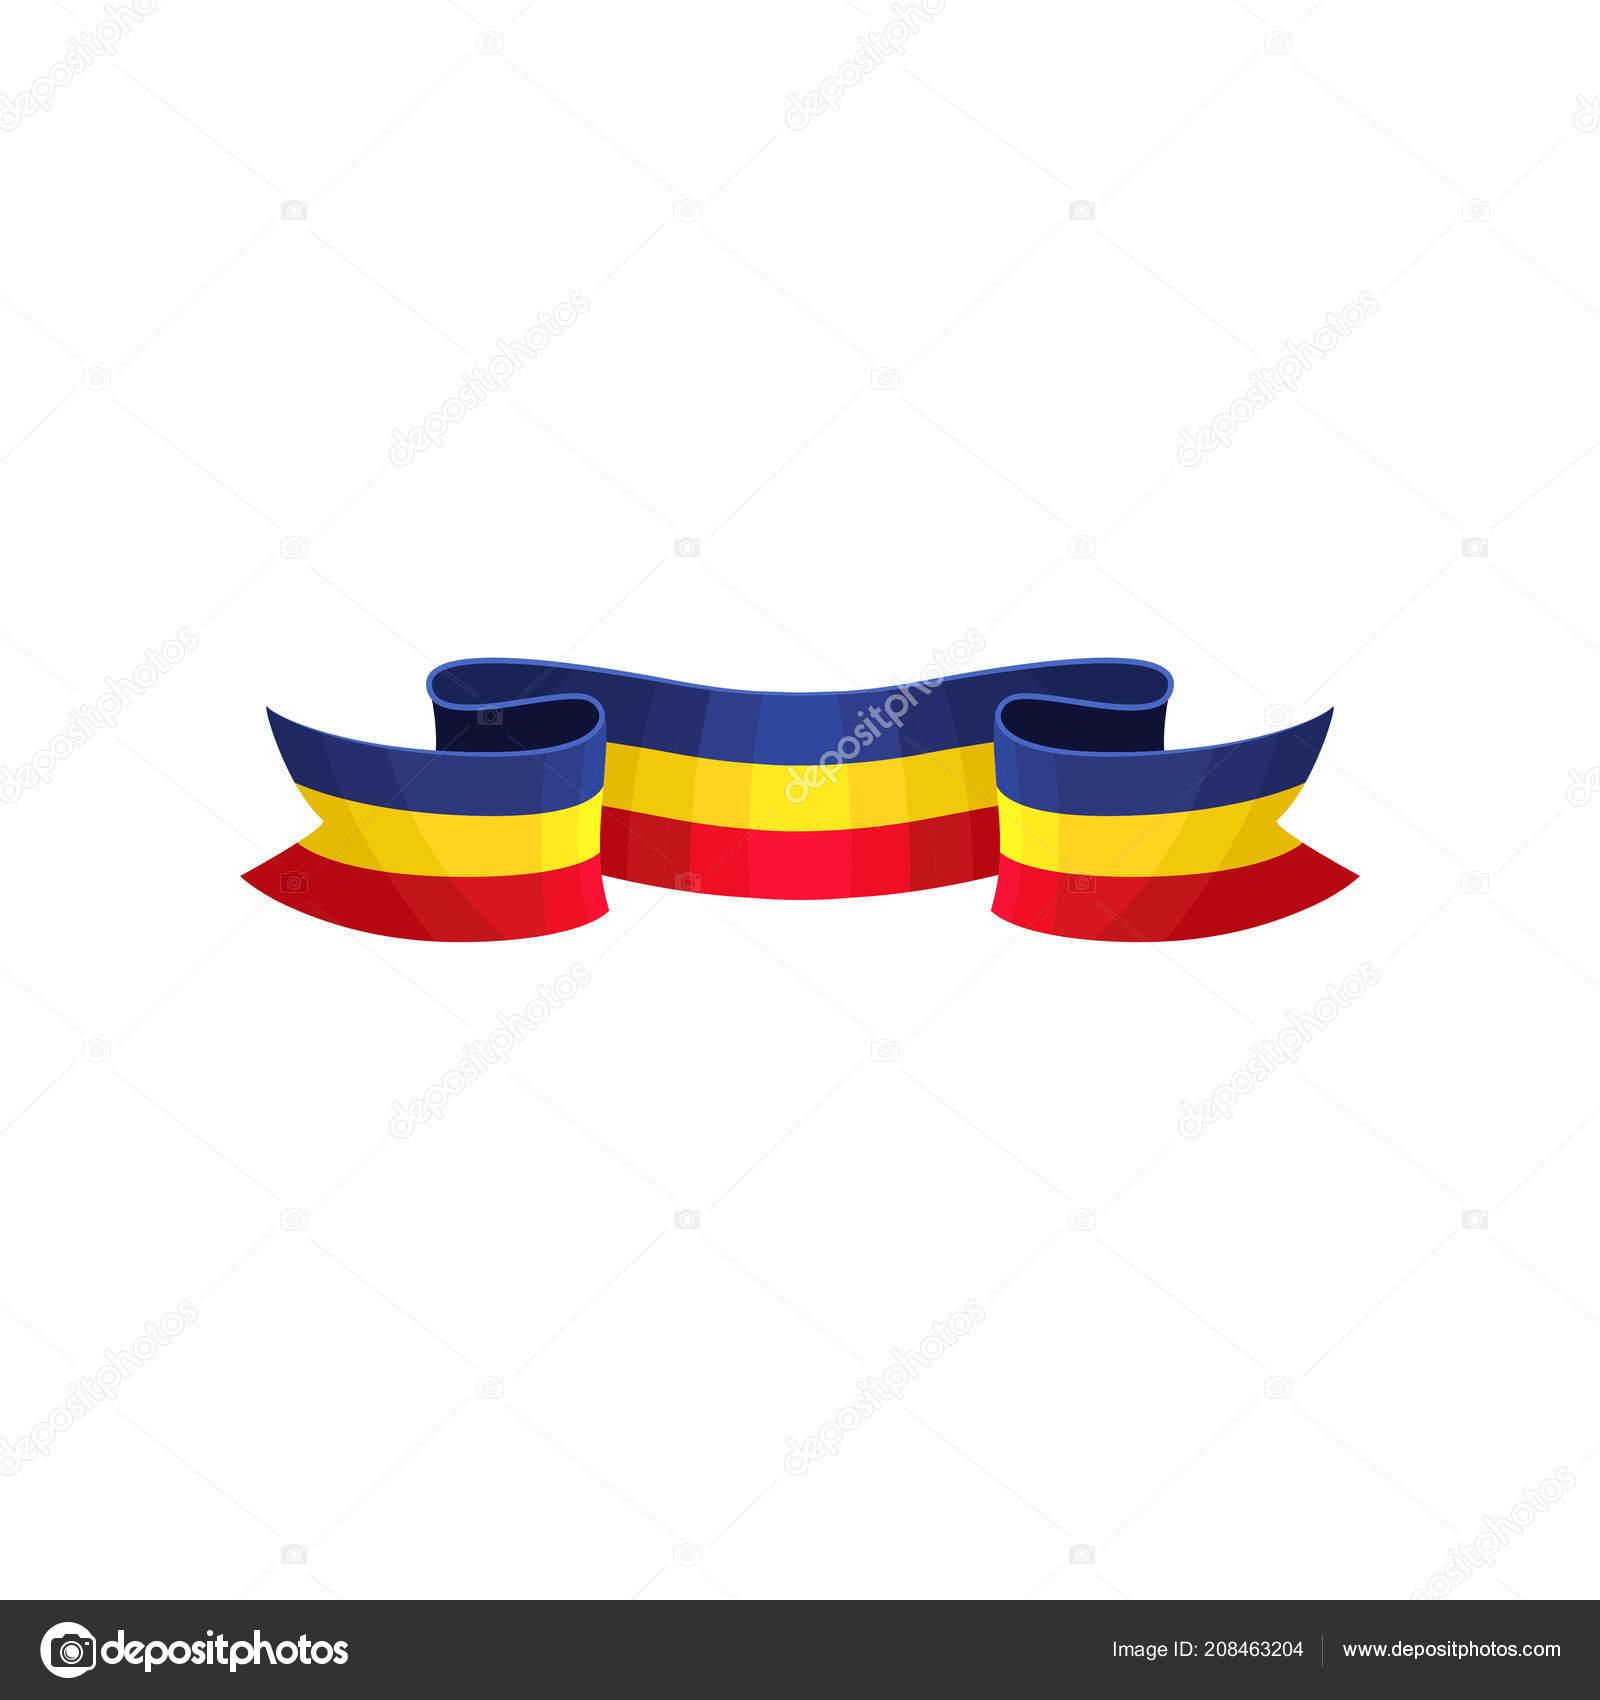 Bandera color rojo azul y amarillo